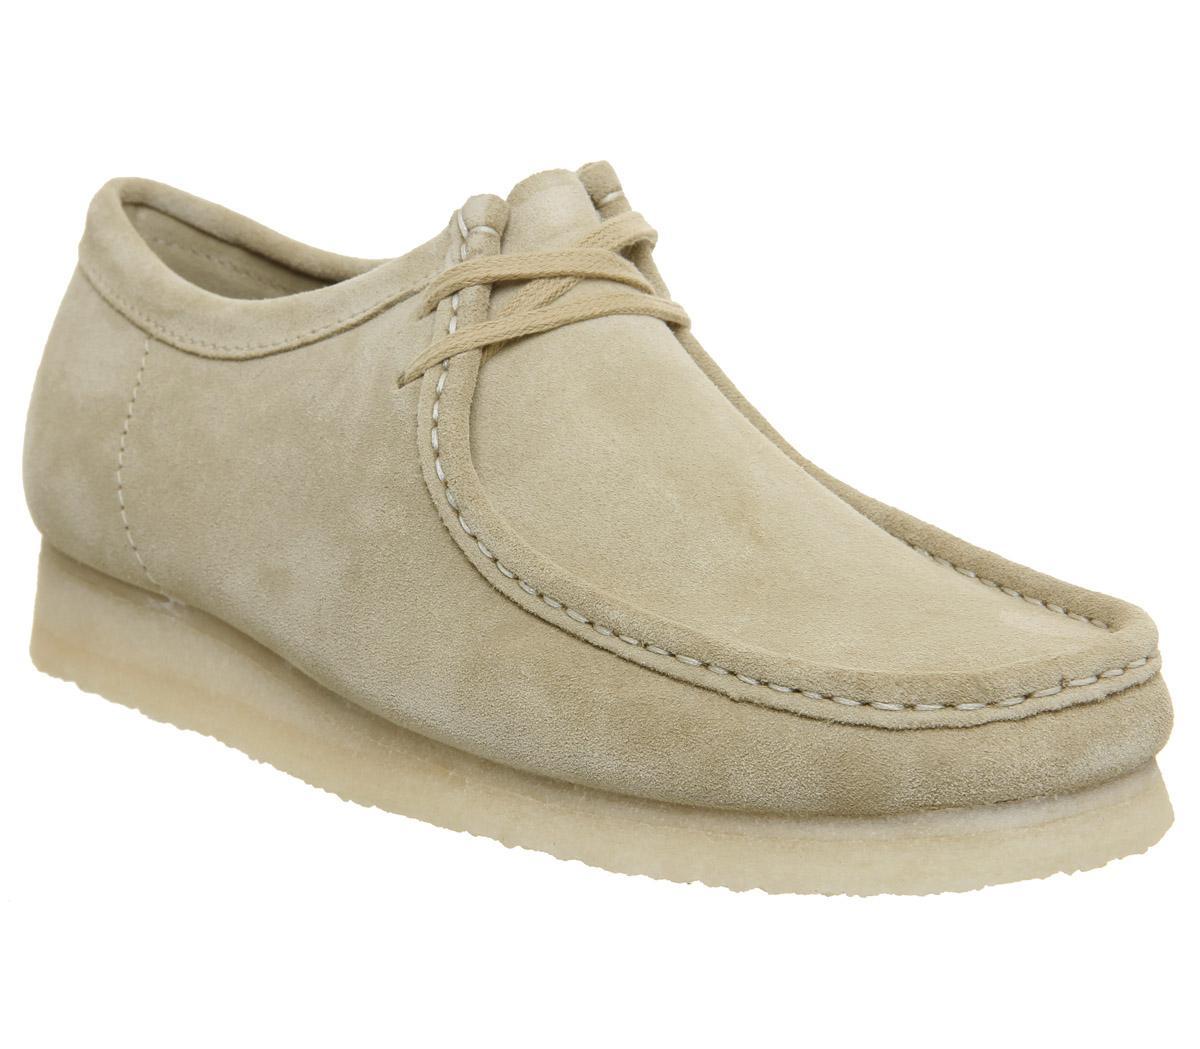 Bigote utilizar Rectángulo  Clarks Originals Wallabee Shoes Maple Suede New - Casual